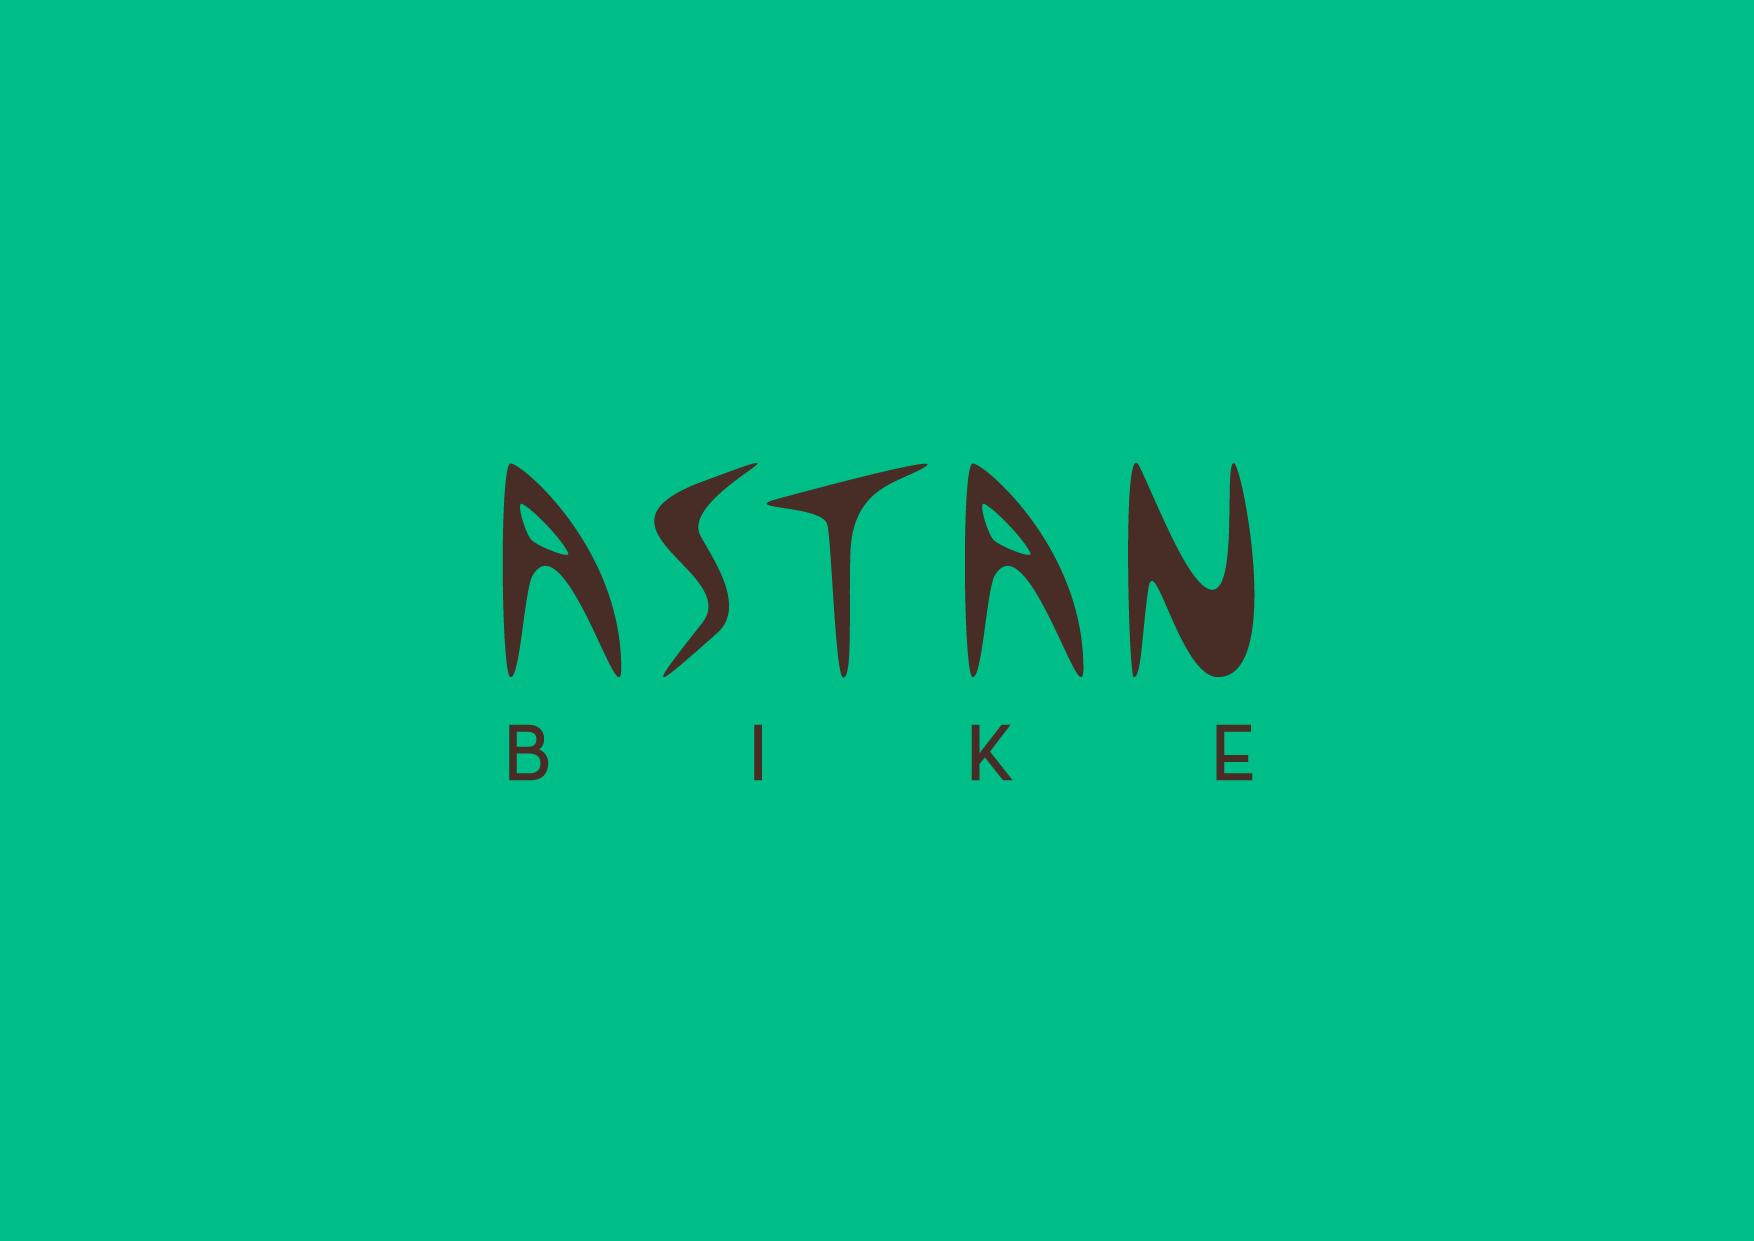 Astan Bike